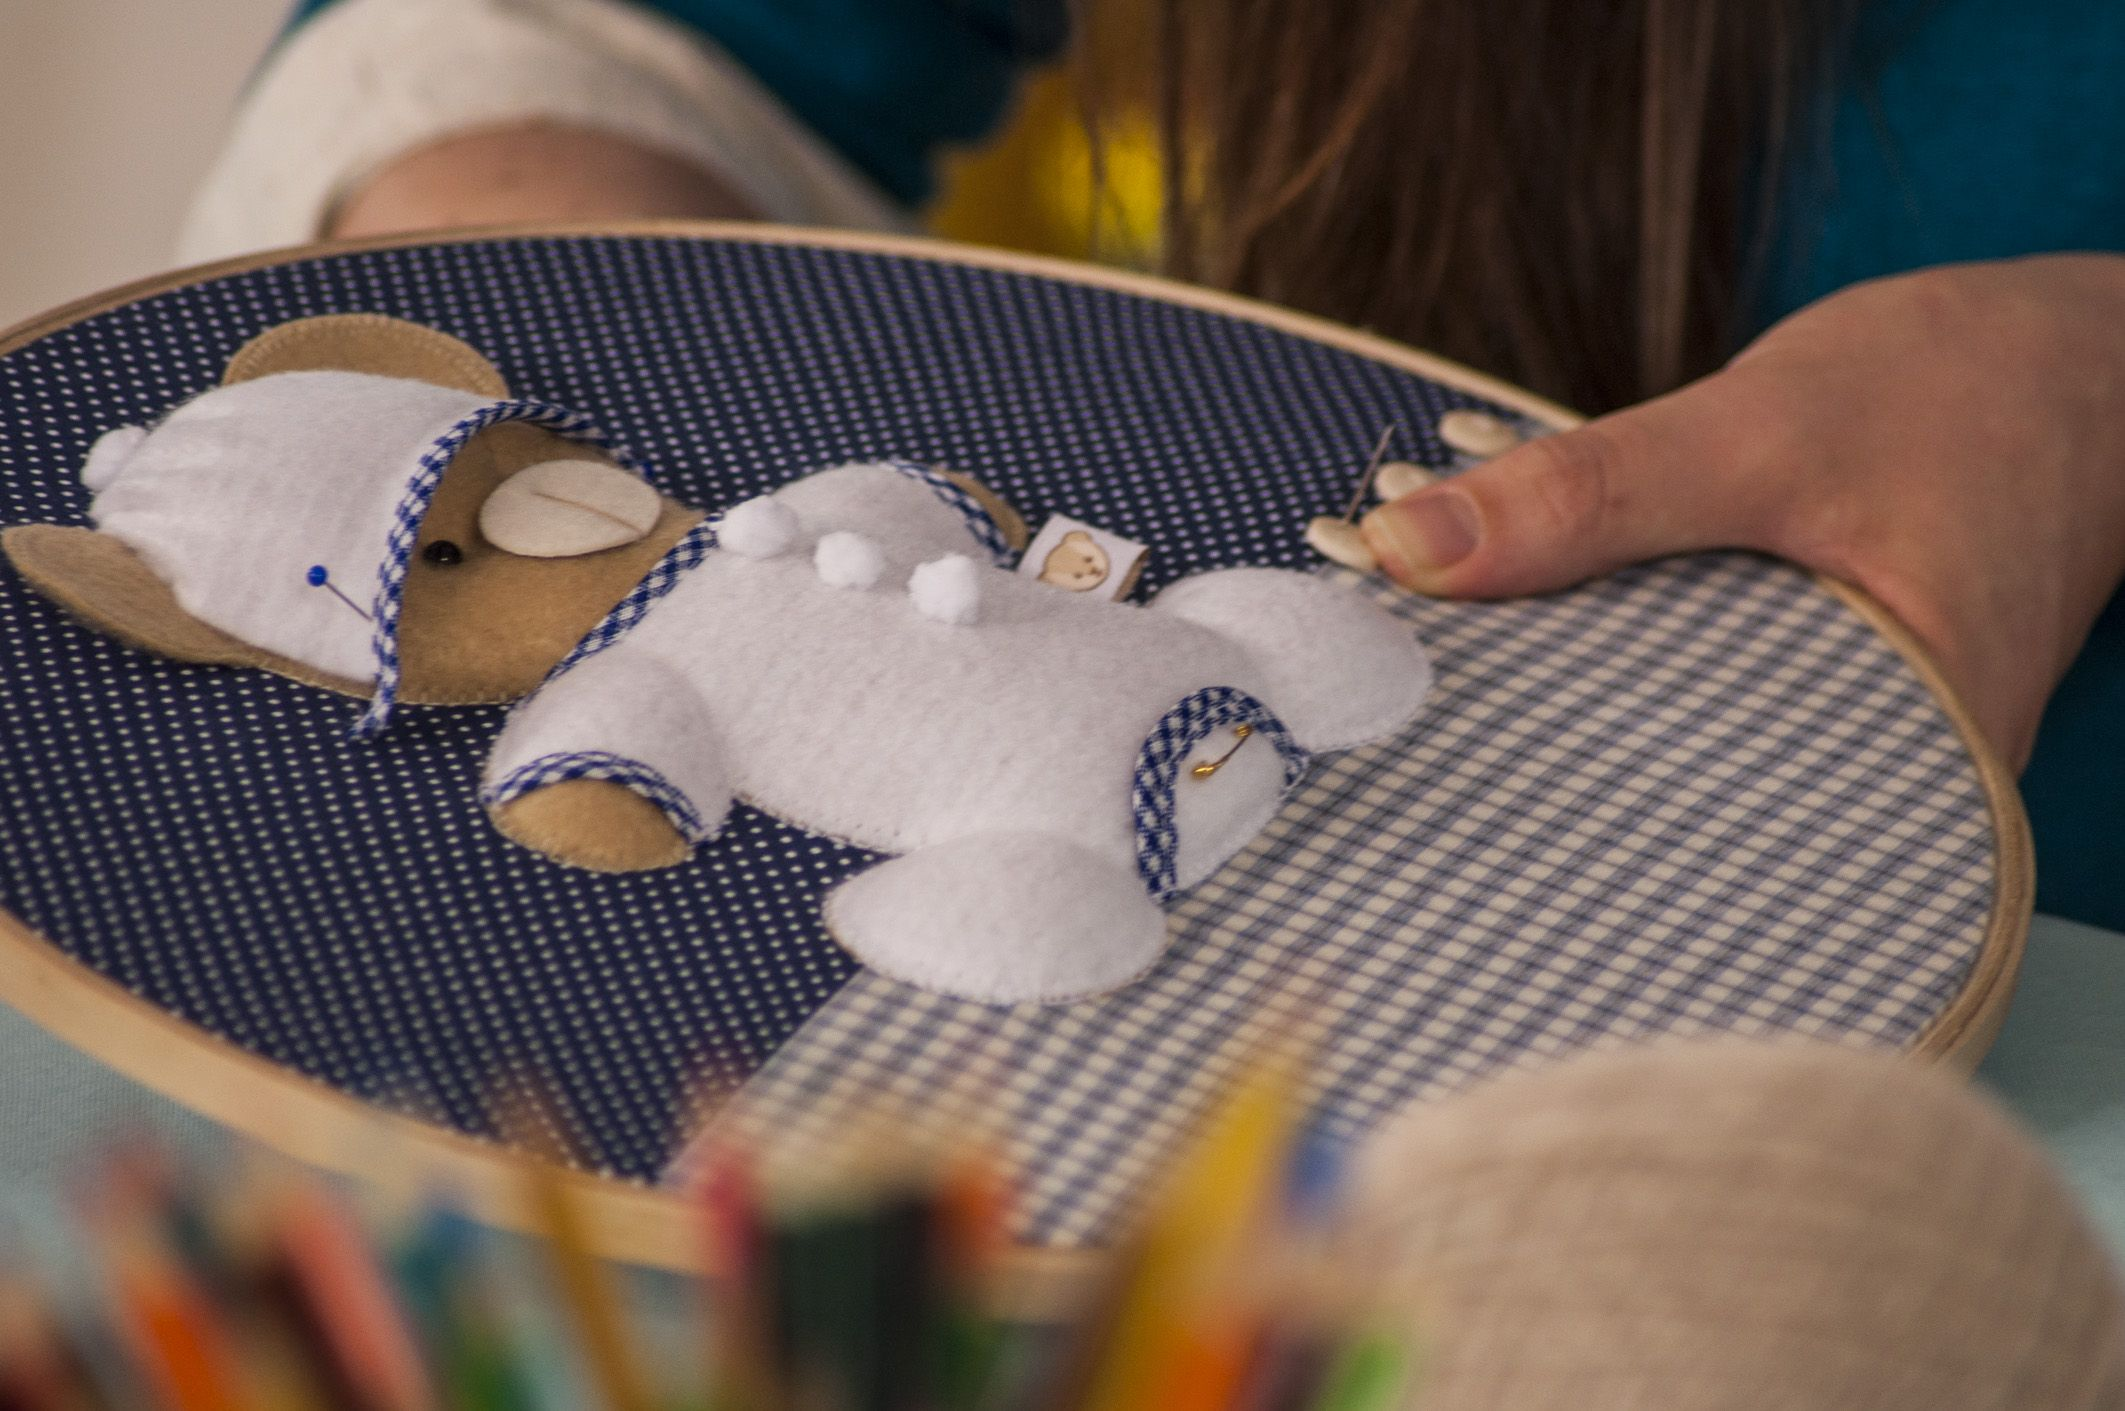 O detalhe do quadro em bastidor, confeccionado por Débora